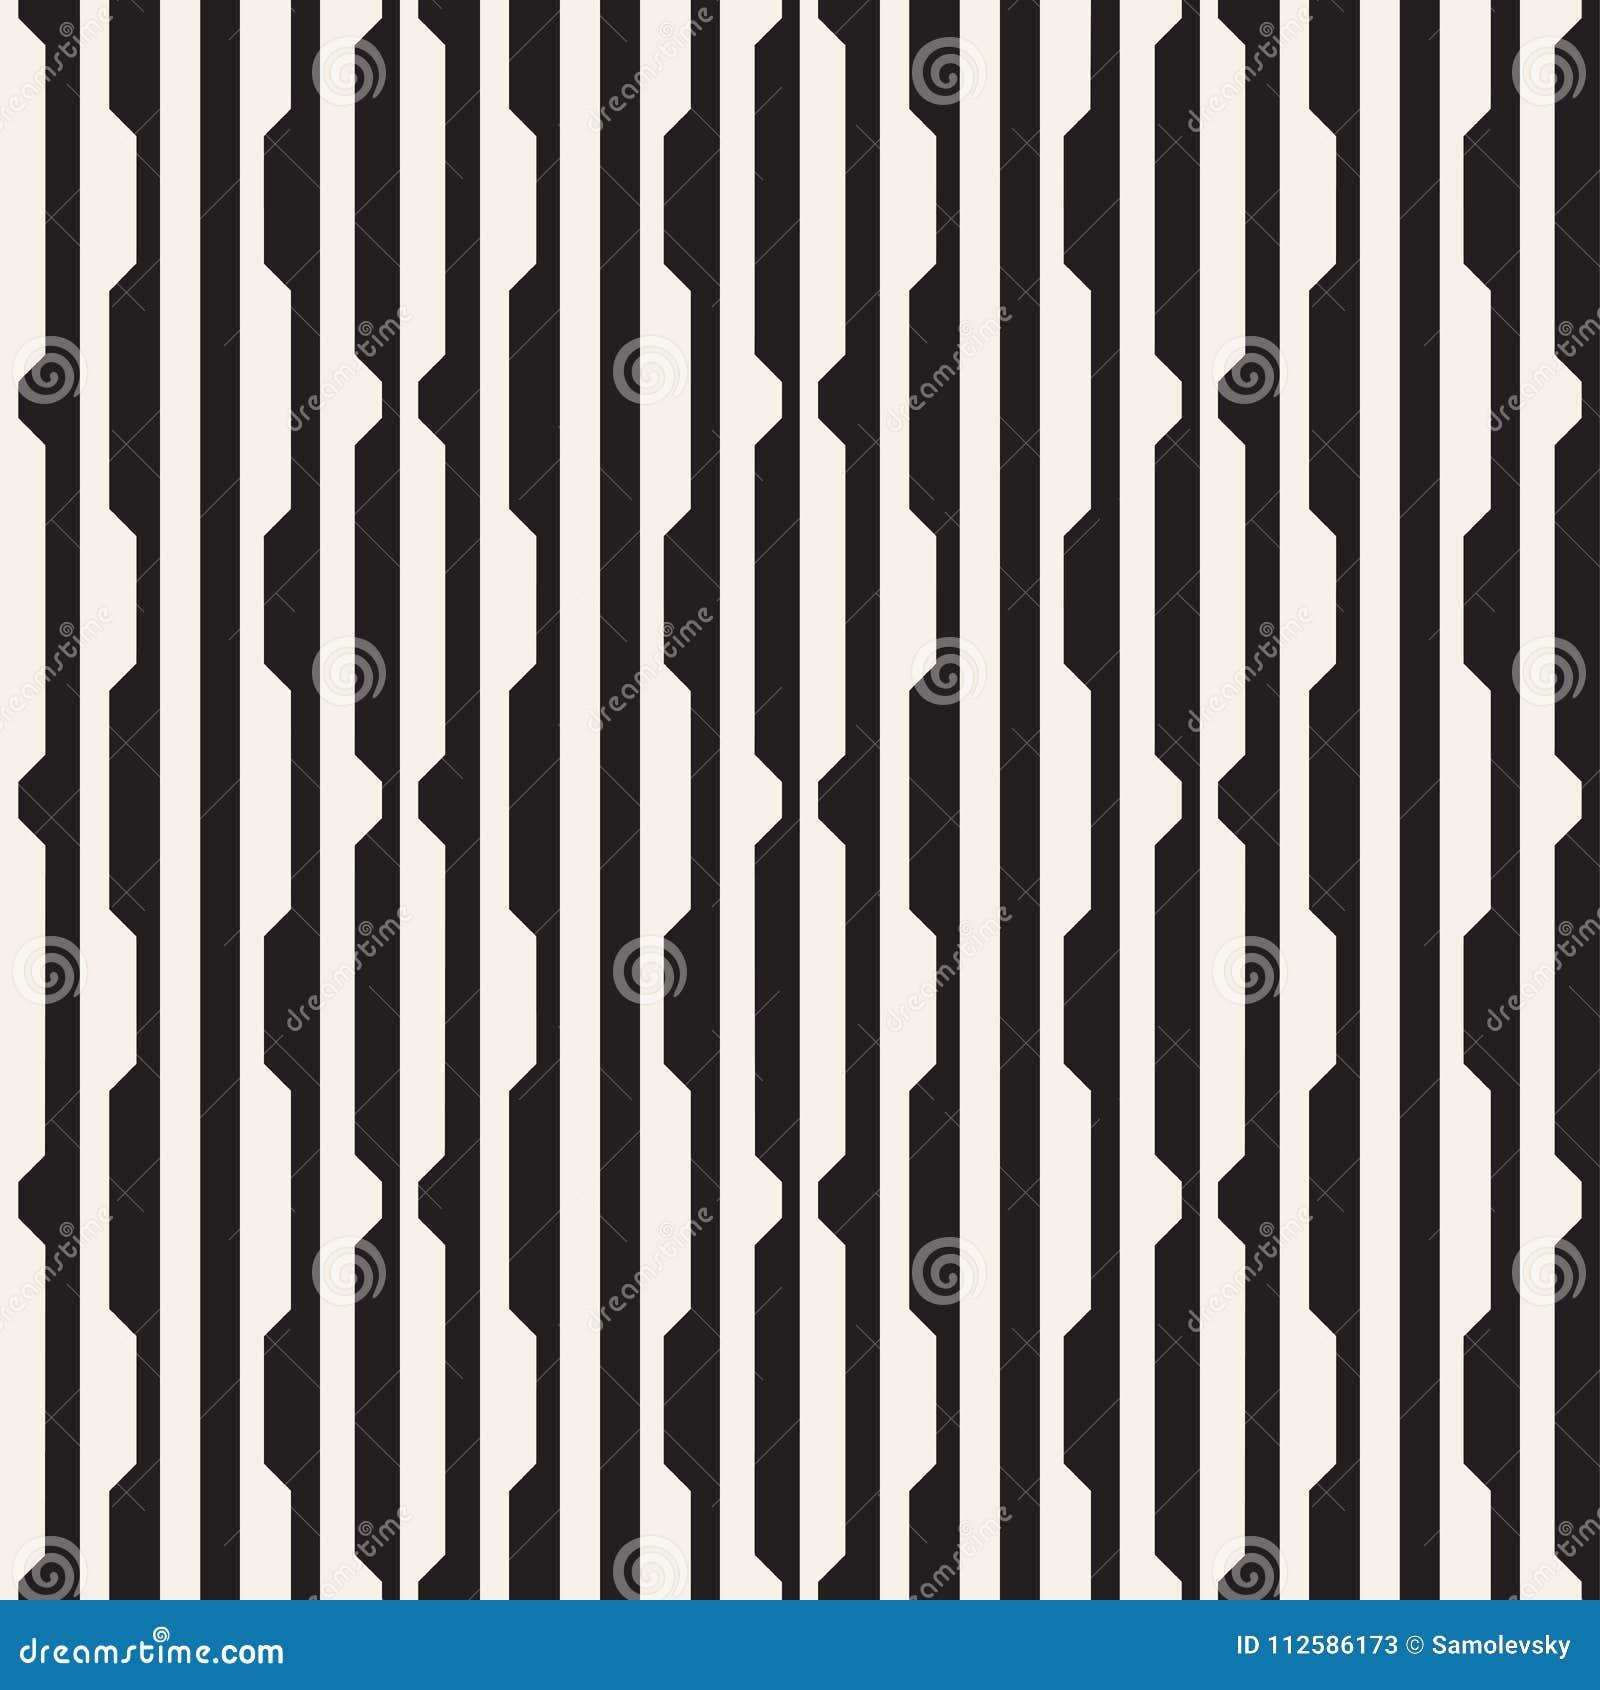 传染媒介无缝的黑白中间影调排行网格图形 抽象几何背景设计